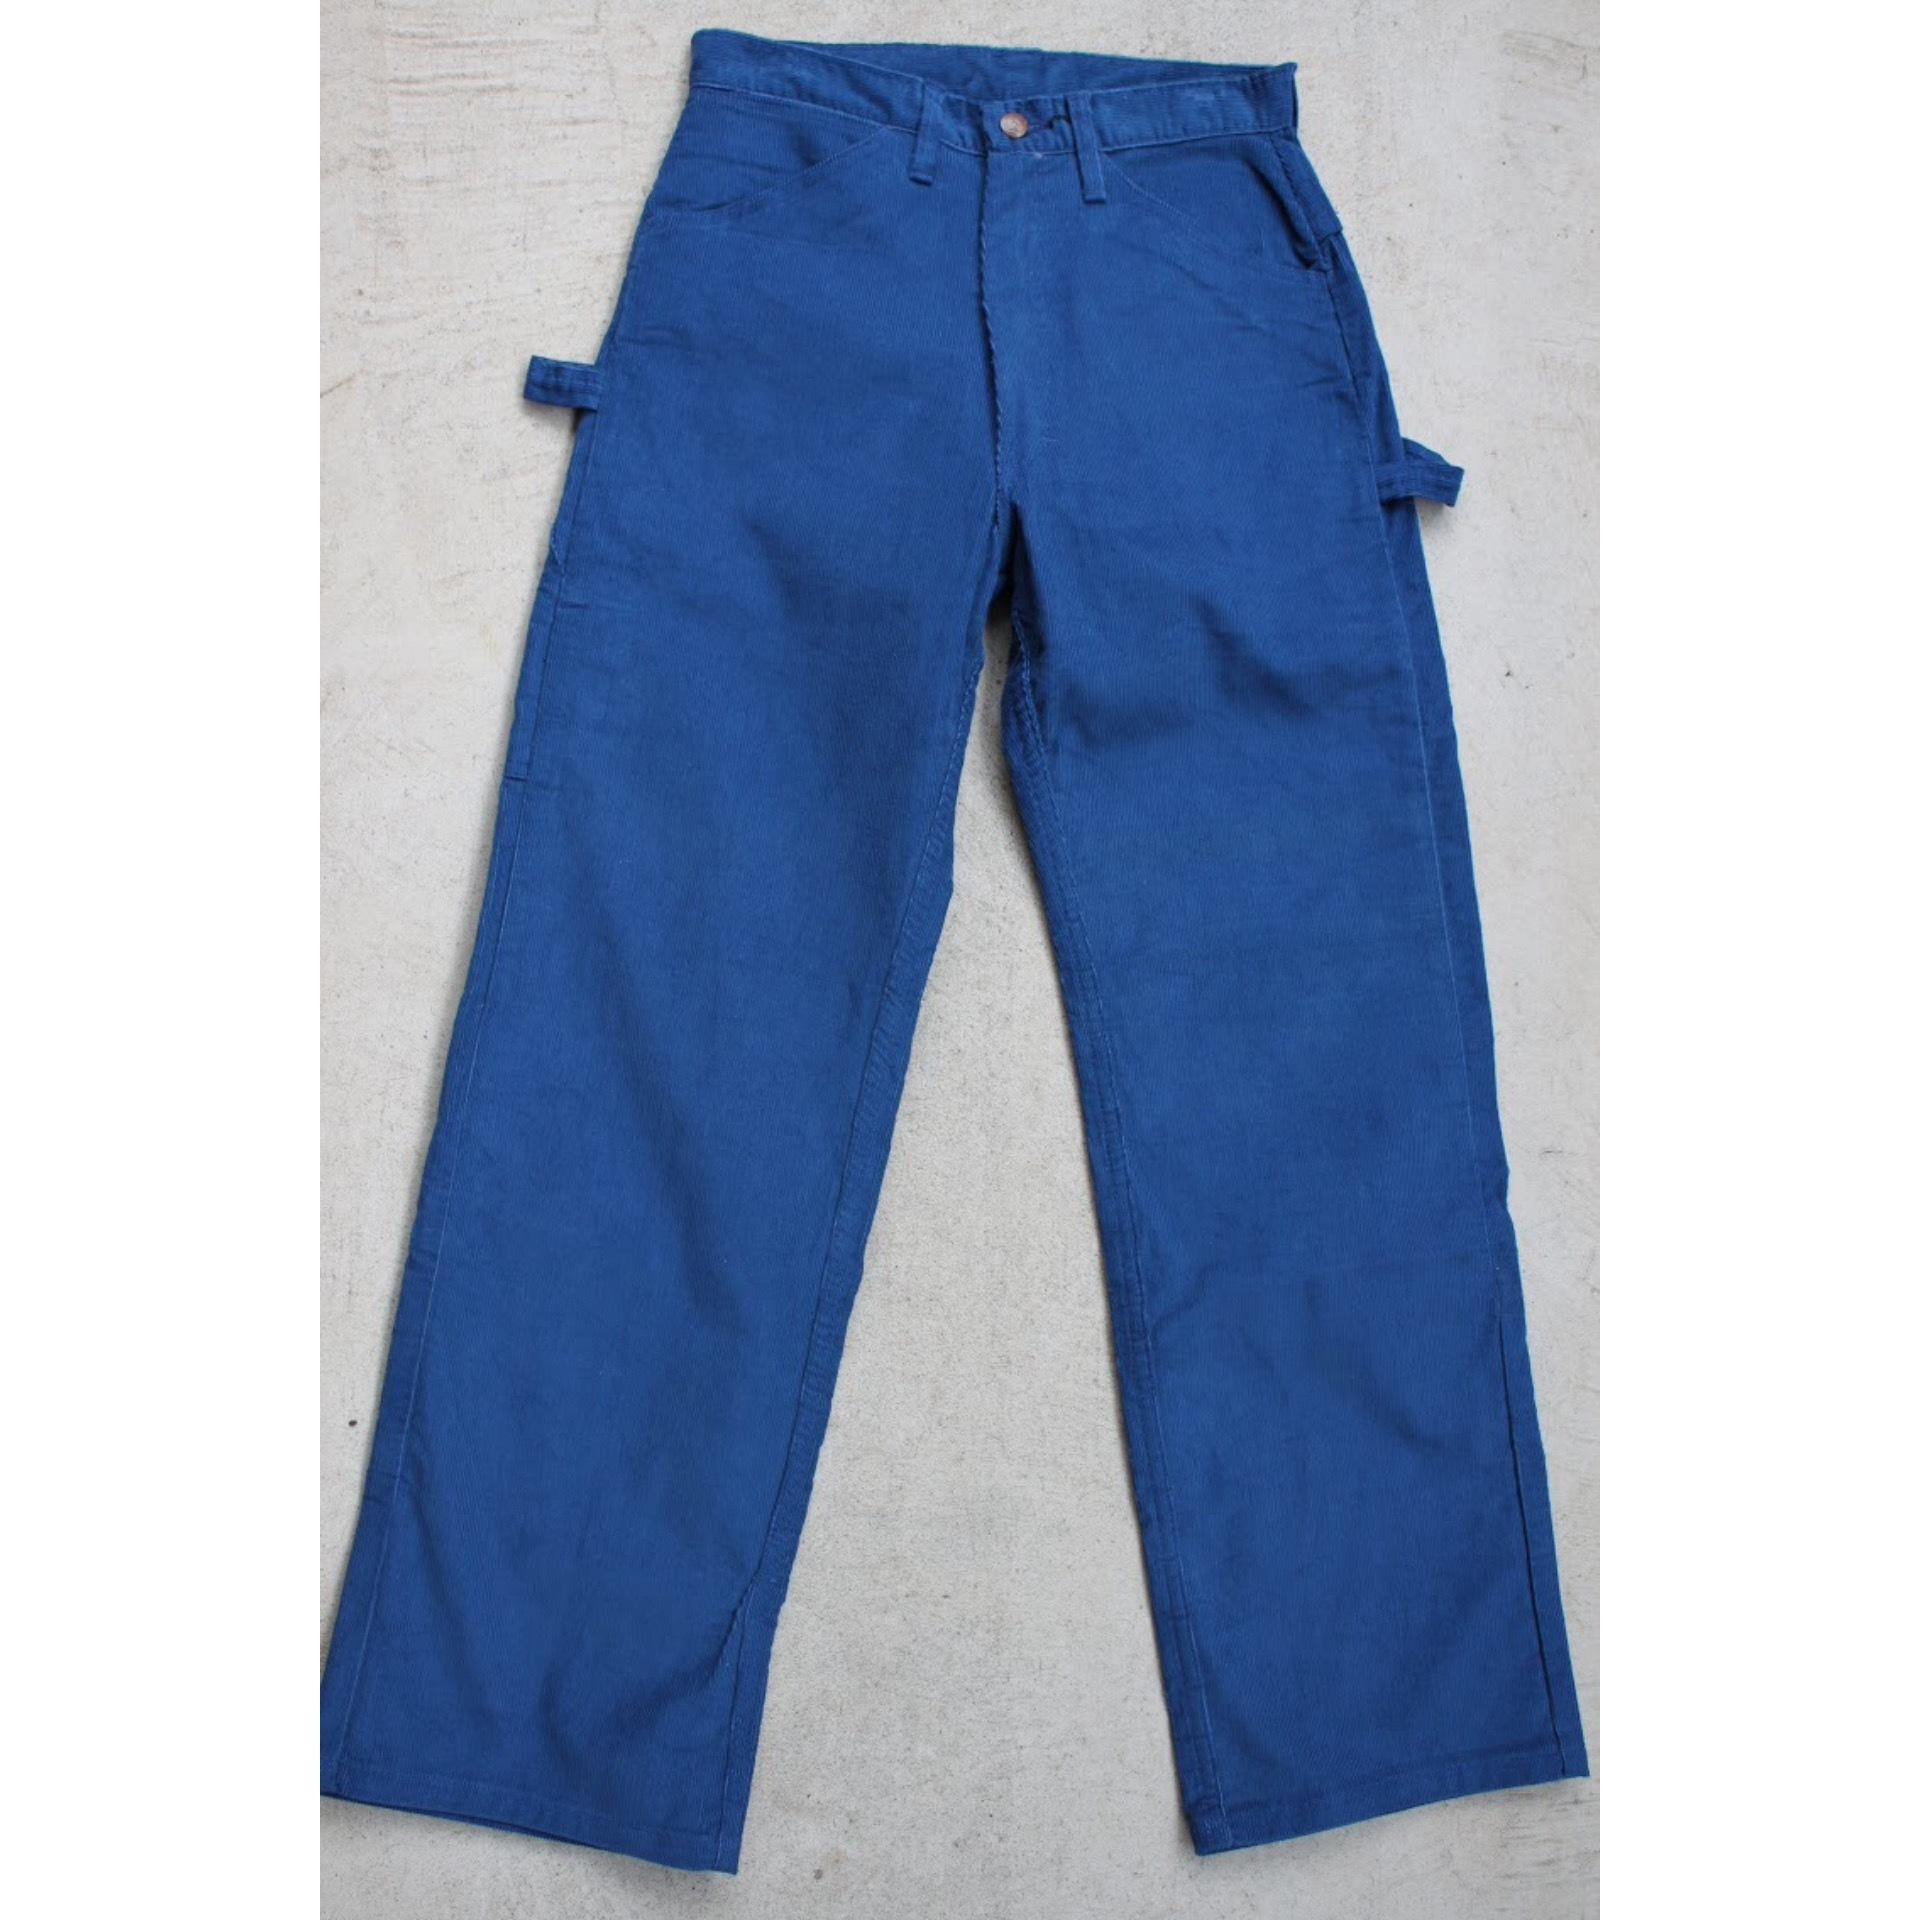 Vintage blue corduroy painter pants